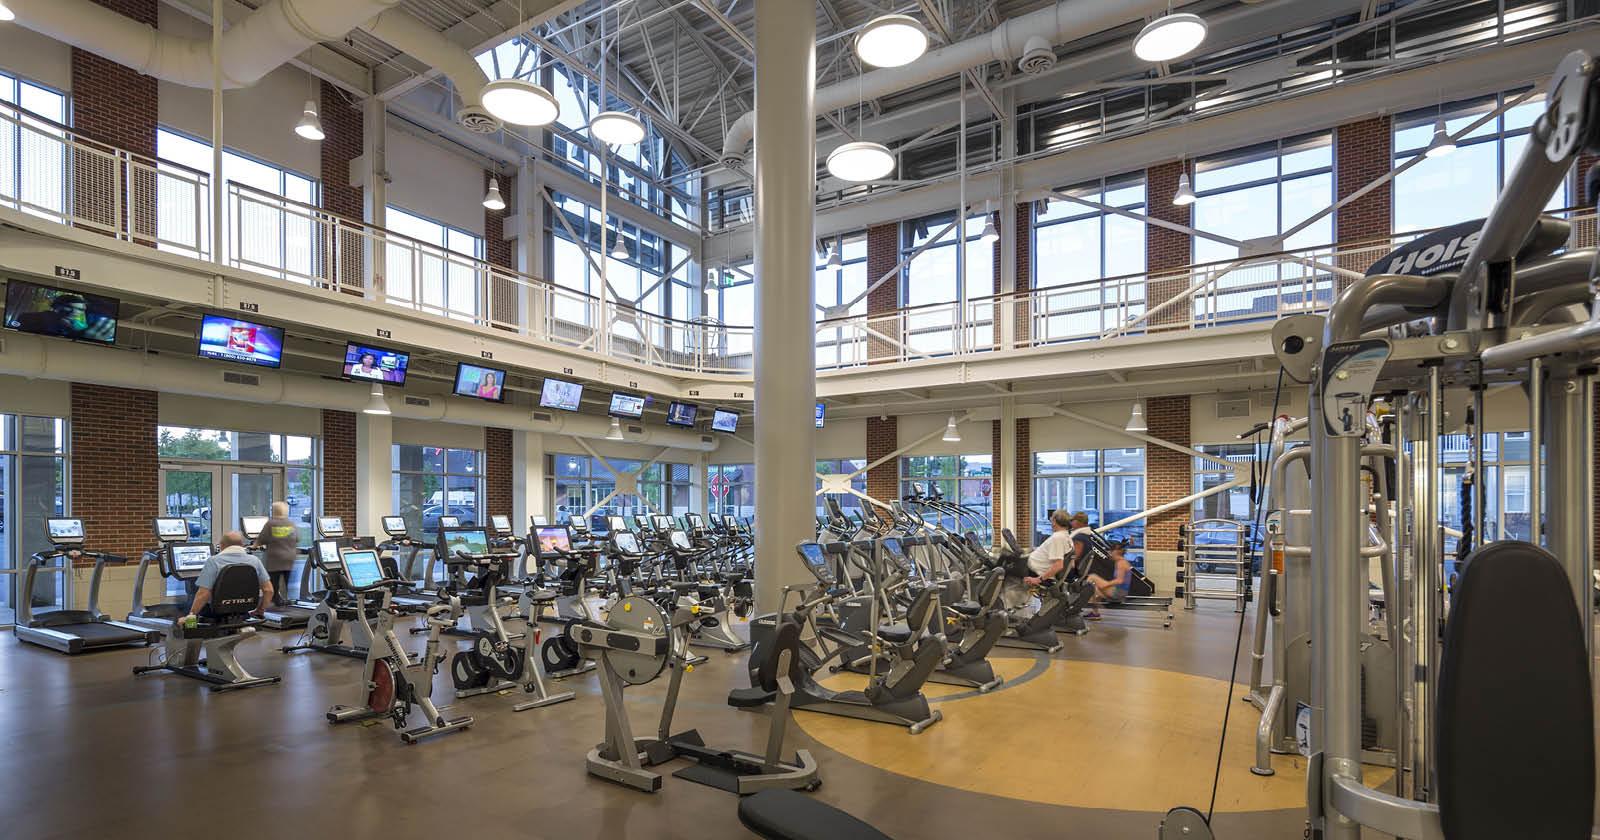 LIFT Wellness Center, Jackson, TN